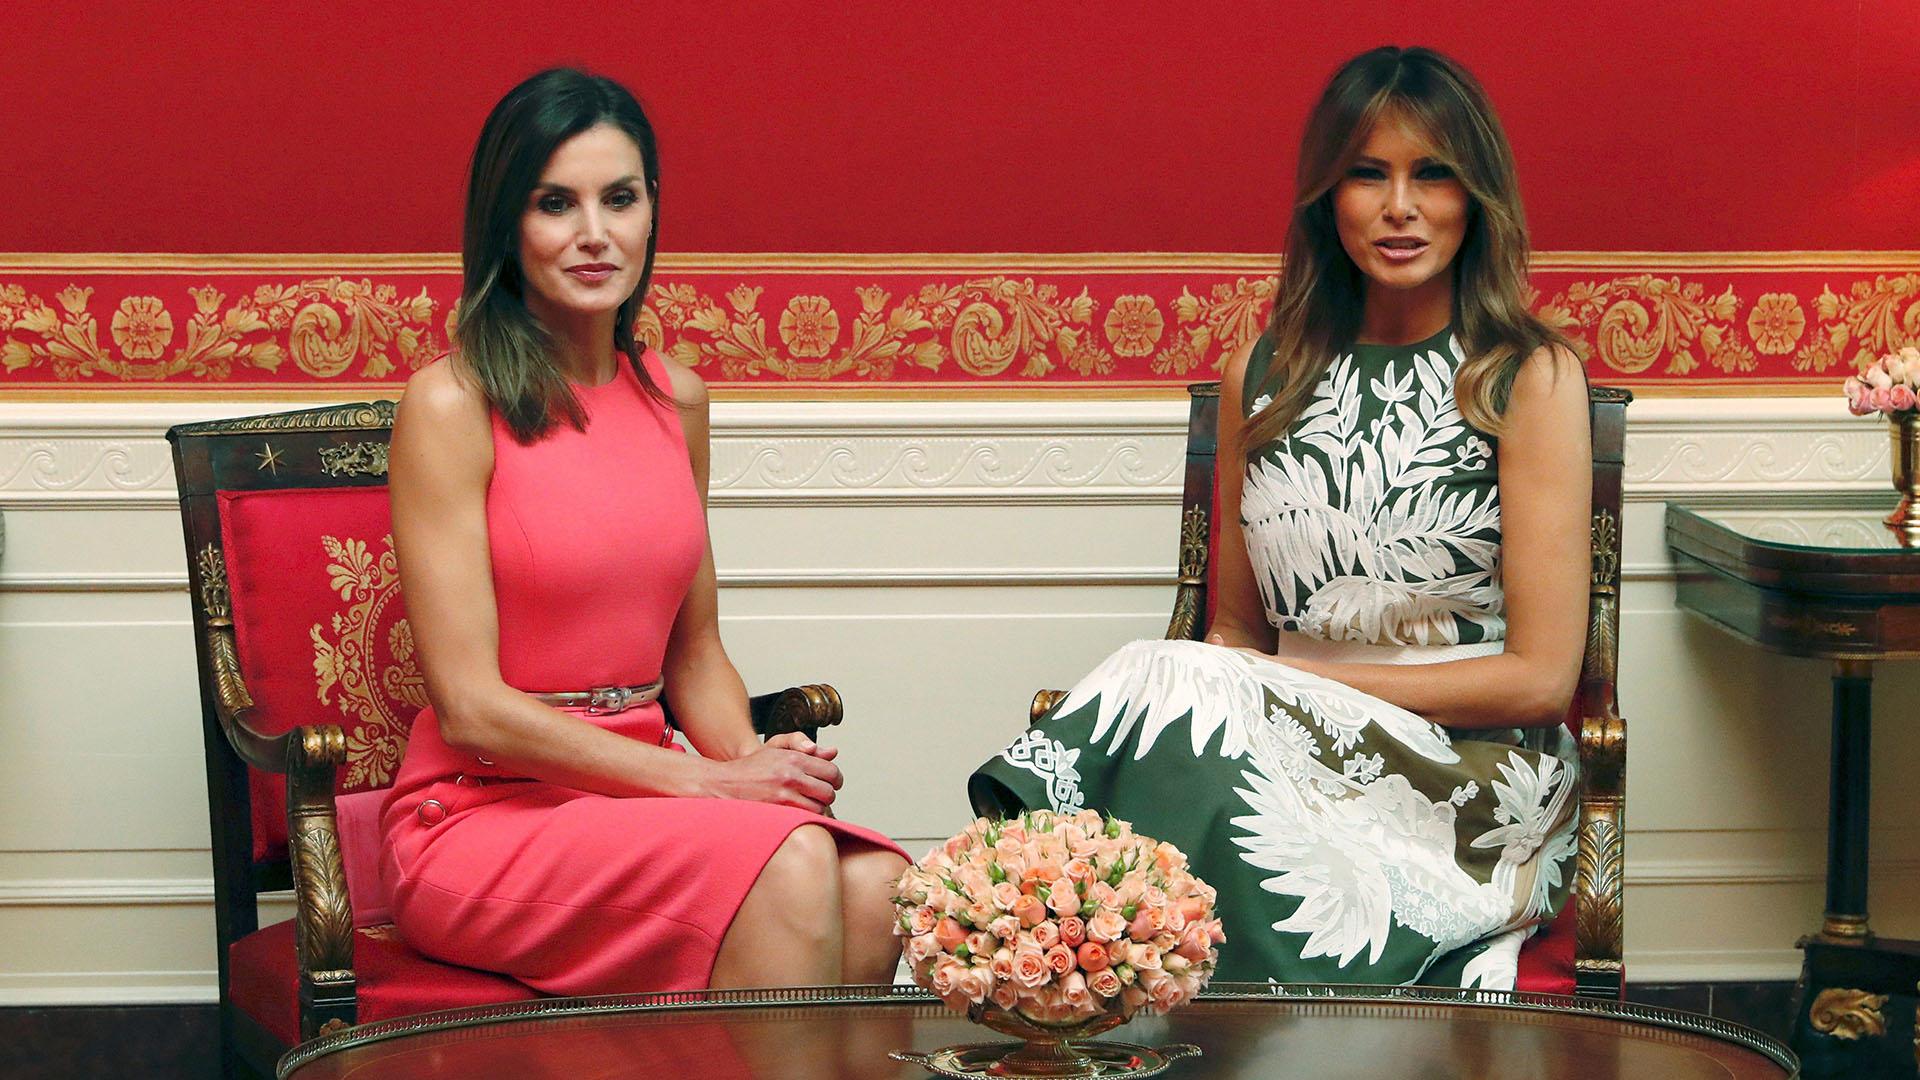 La primera dama y la reina se desplazaron al salón rojo para tomar un té y conversar